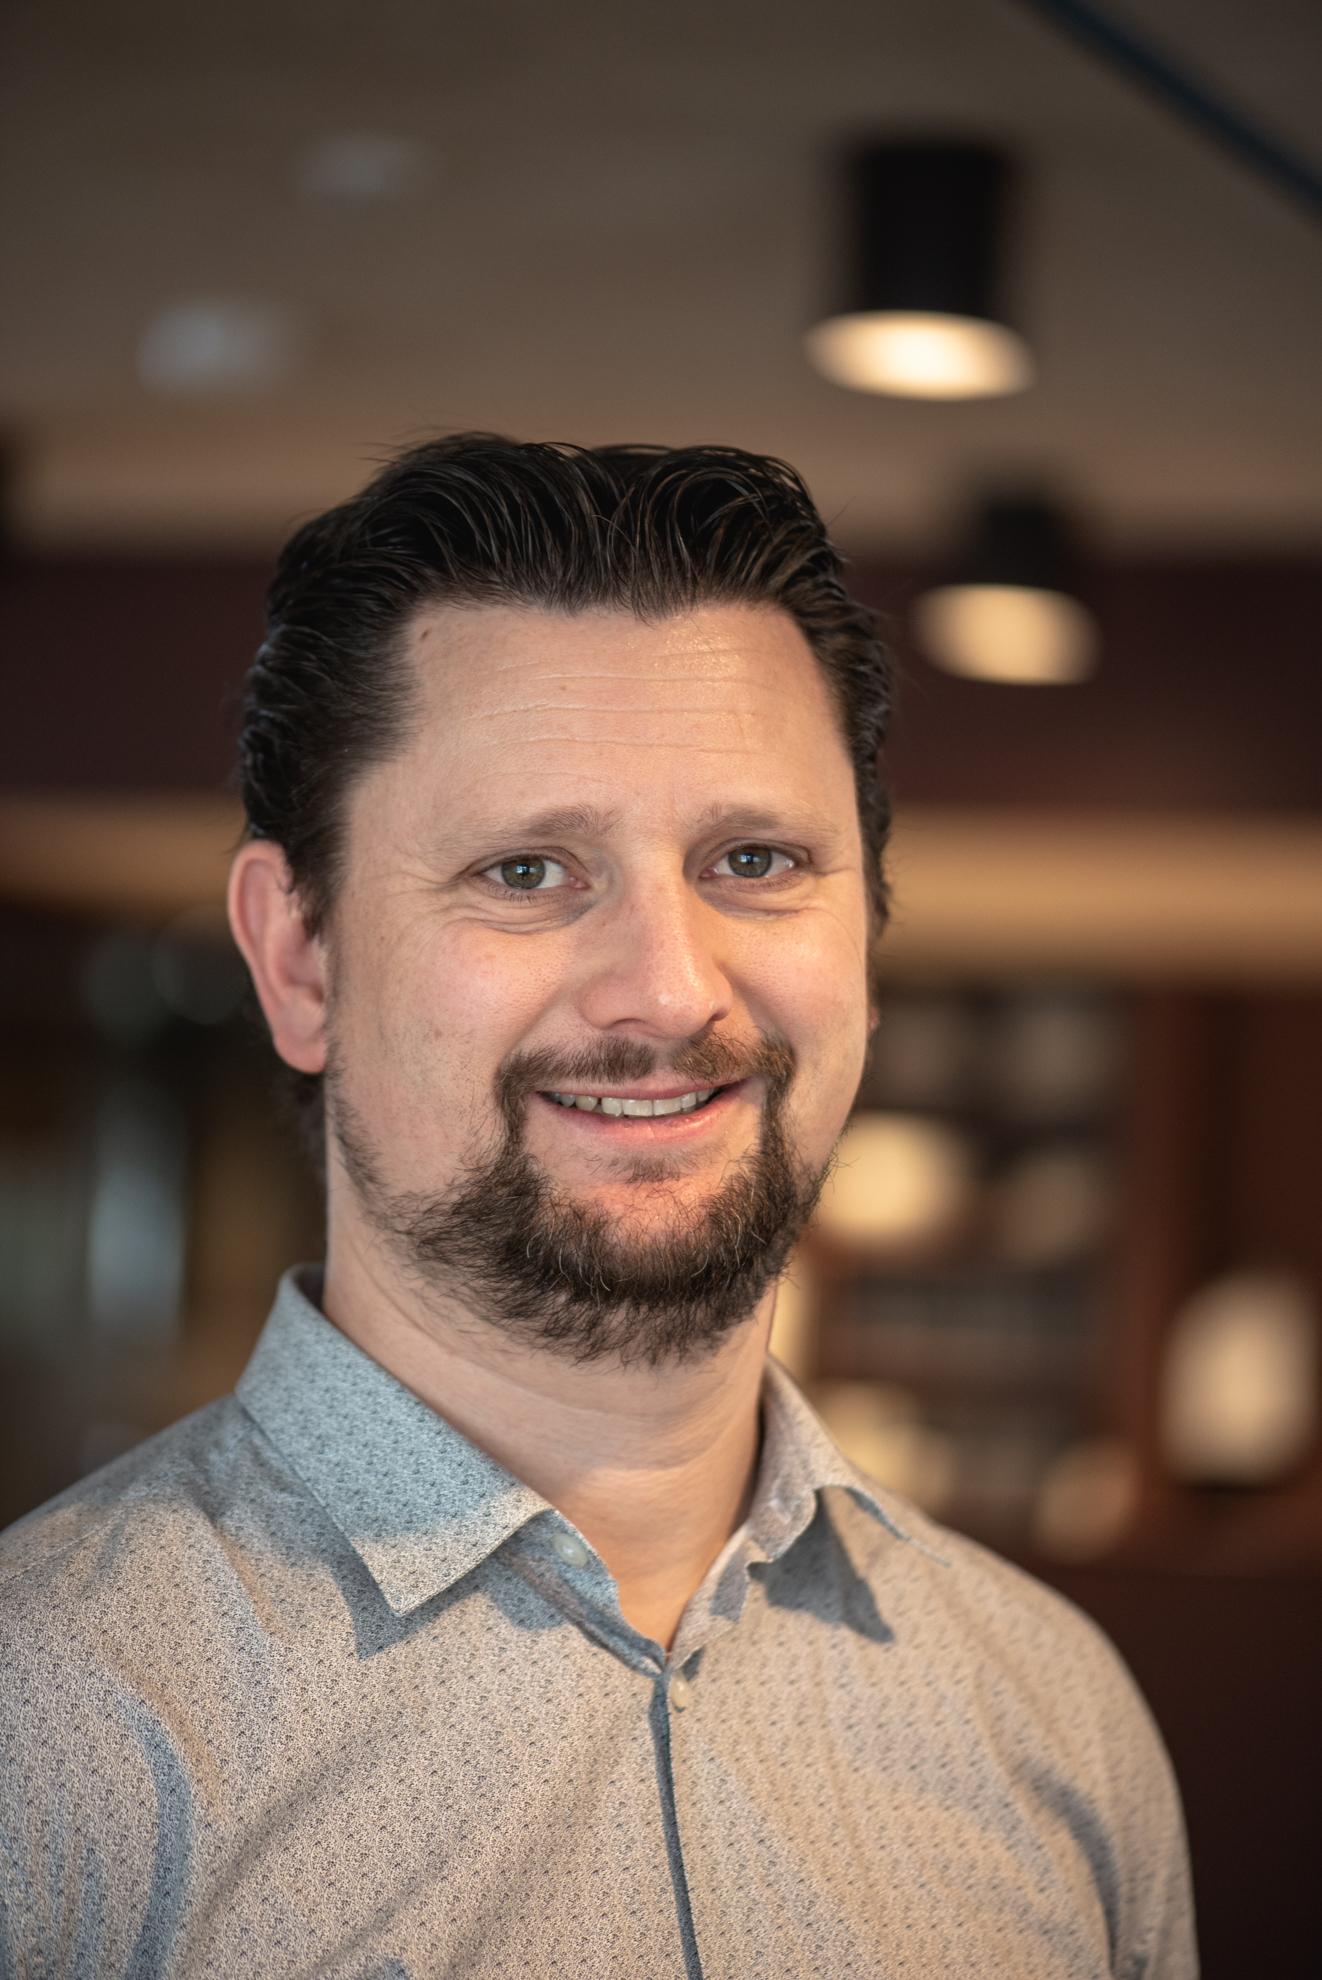 Martin Stok - Inkubatorleder+47 481 80 185 · martin@skappa.noMartin er utdannet sivilingeniør i industriell design, med spesialisering innen innovasjonsledelse. Martin jobber i Skåppå med bedriftsrådgivning, spørsmål om finansiering og prosjektledelse knyttet SIVAs inkubasjonsprogram. Martin er god på tidlig fase, idé- og konseptutvikling og han har stort nettverk. Han har erfaring med design, utvikling, organisering, finansiering og oppfølging av utviklingsprosjekter med både oppstartselskaper, etablerte virksomheter og universitet.Martin har kontorplass i Lillehammer, men jobber i hele Gudbrandsdalen.